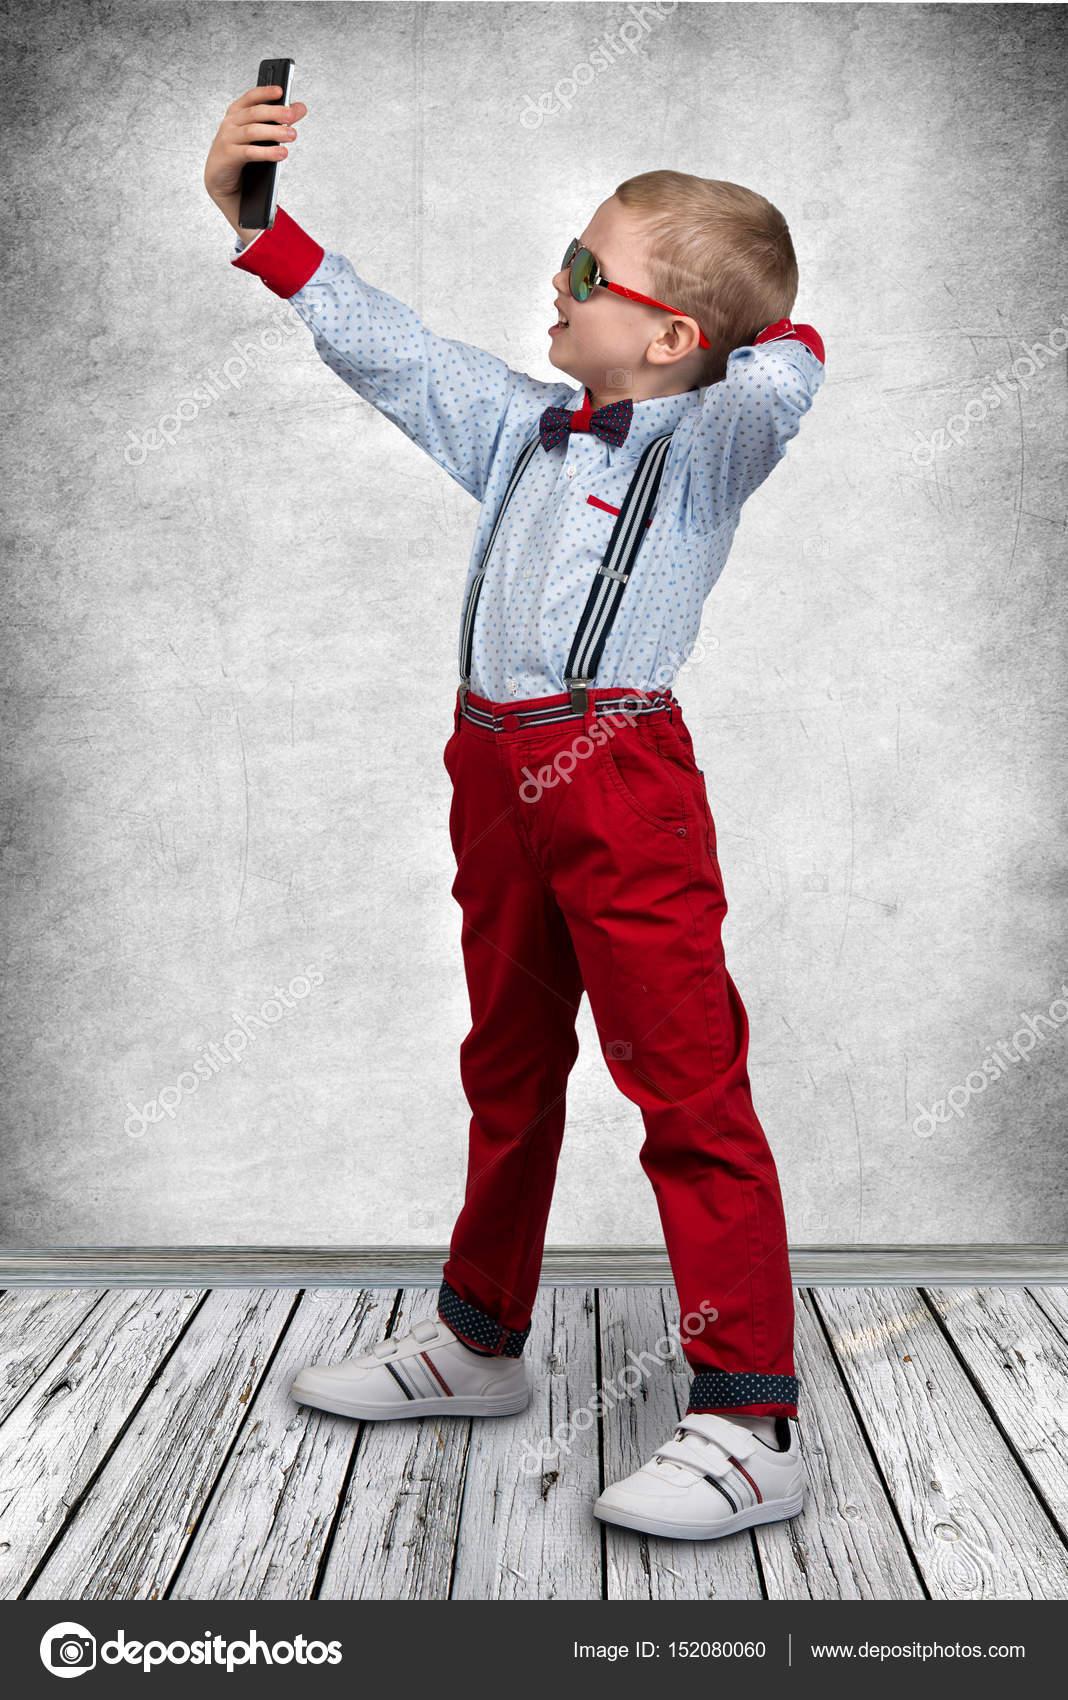 a6398f39540 Παιδική Μόδα — Φωτογραφία Αρχείου · Αγόρι κάνει selfie στο κινητό τηλέφωνο  — Εικόνα από ...